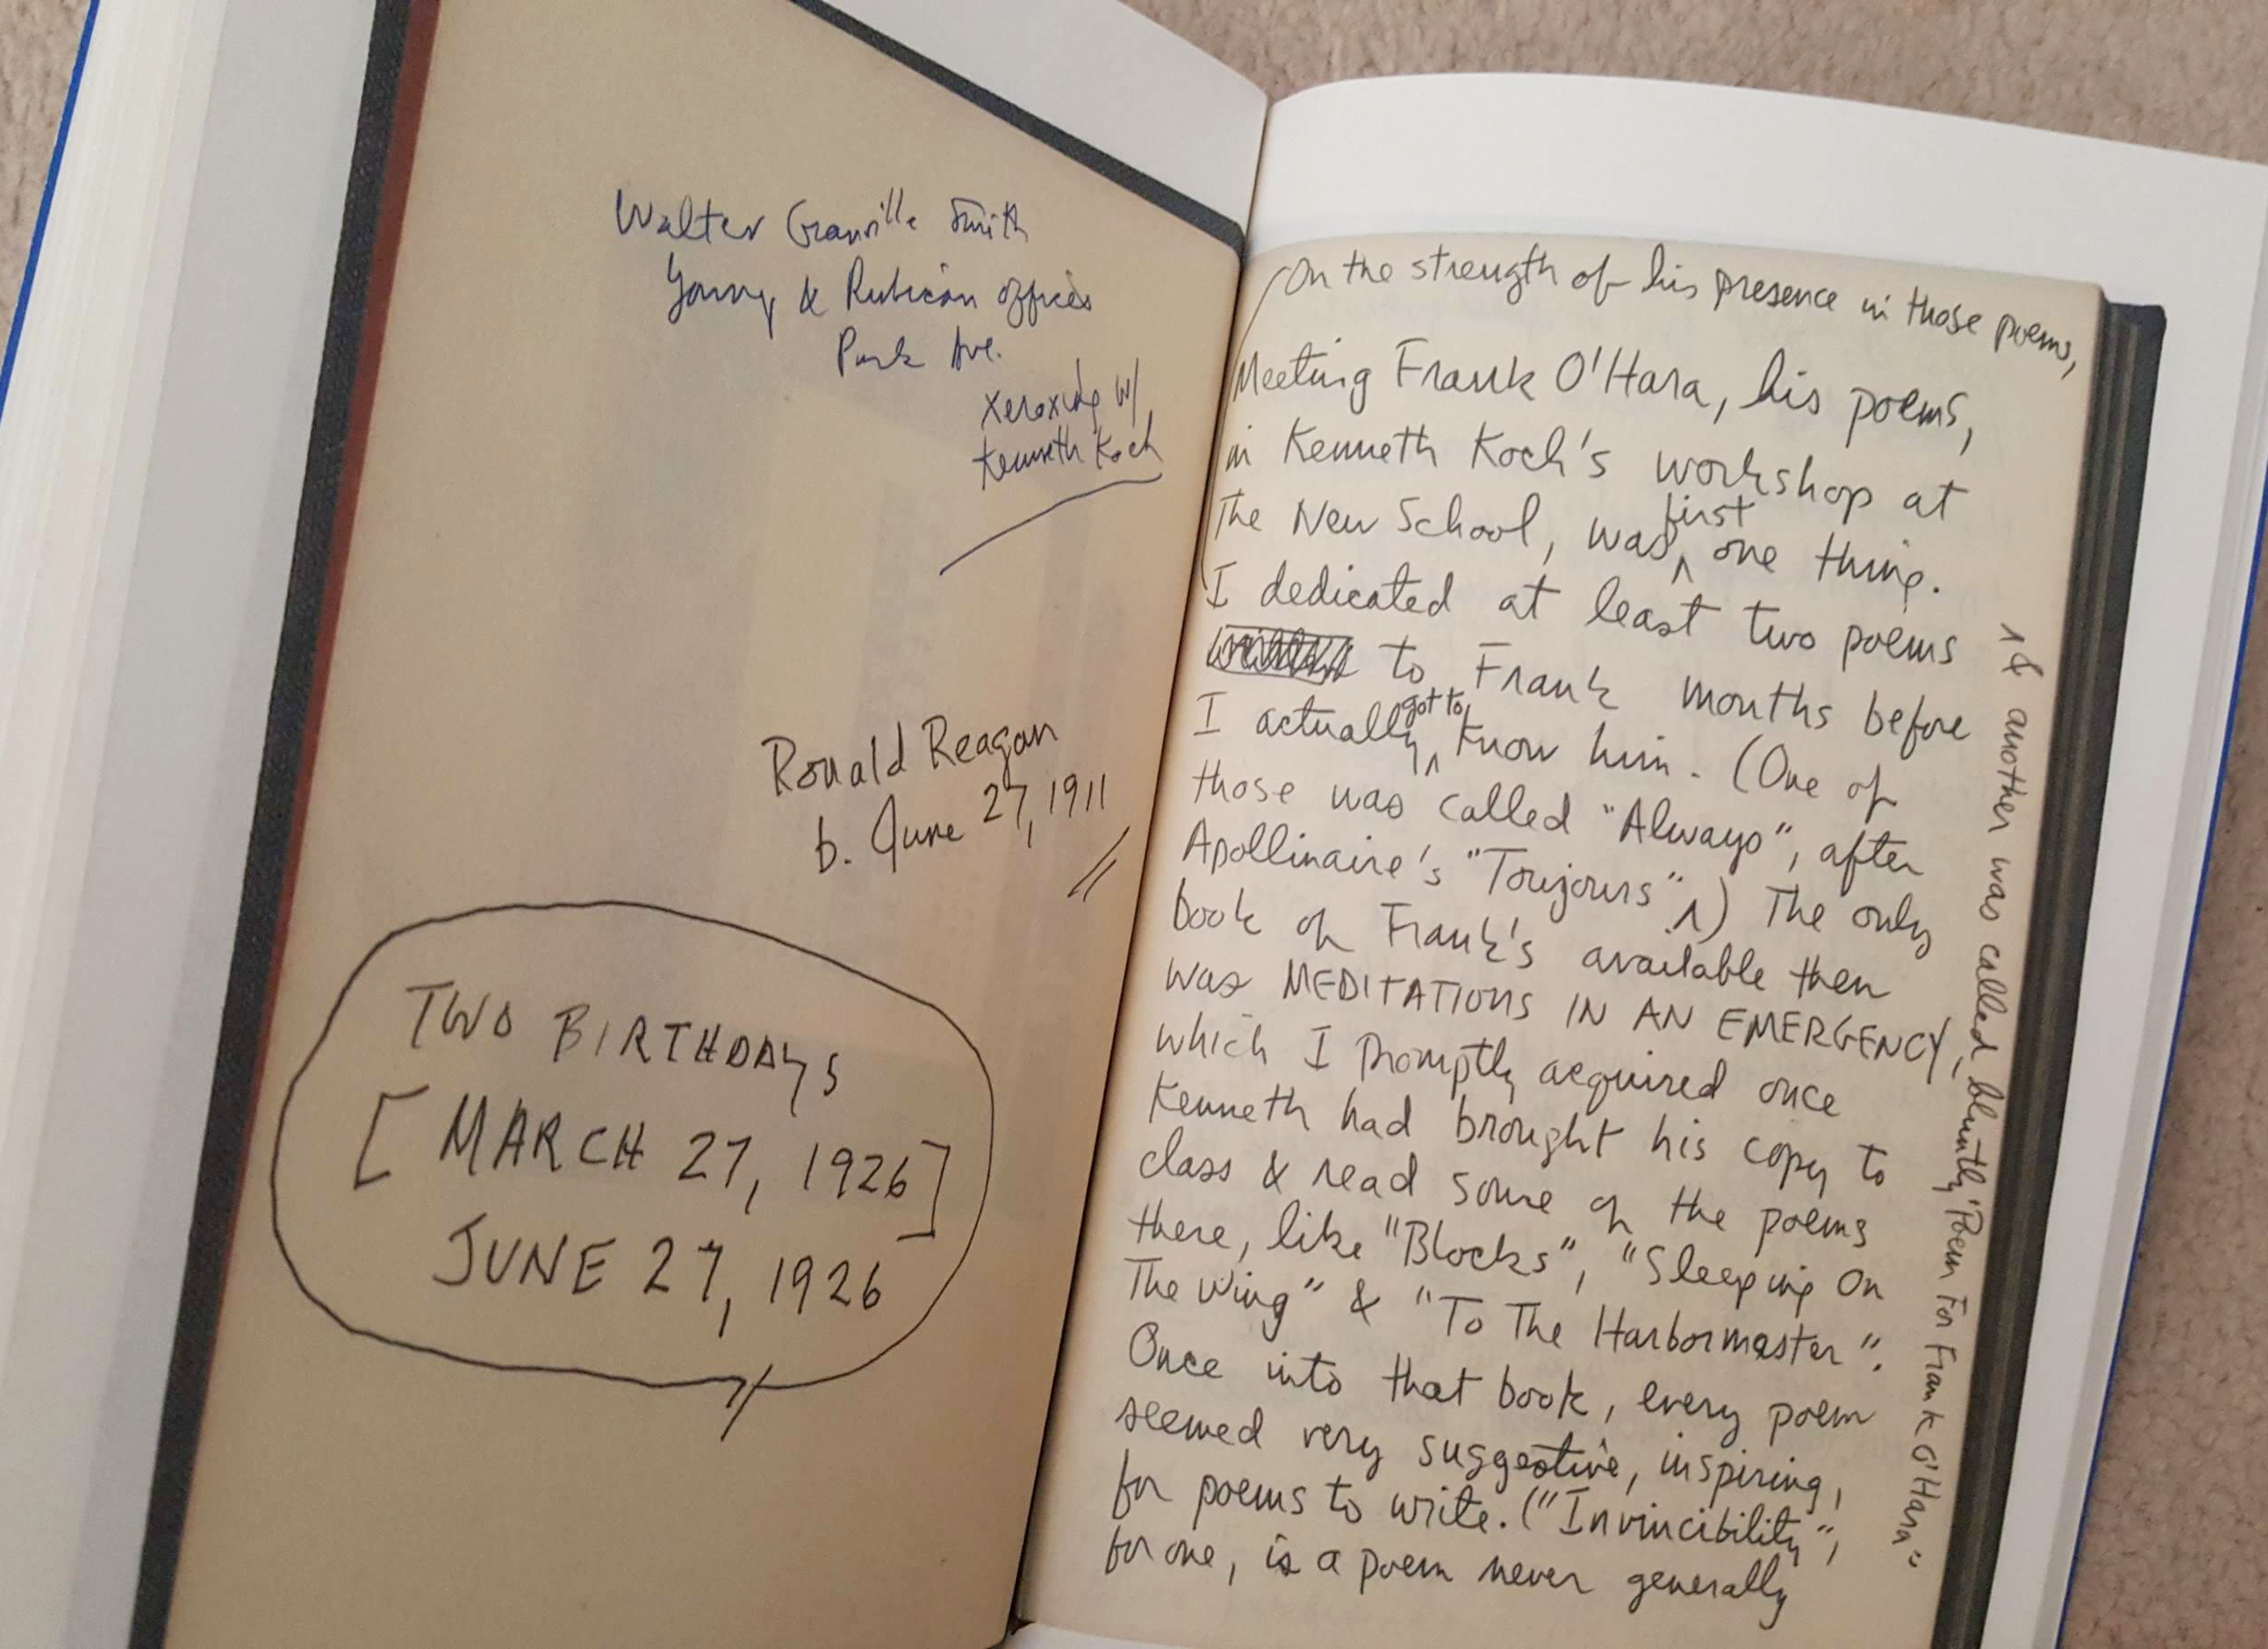 a frank o'hara notebook